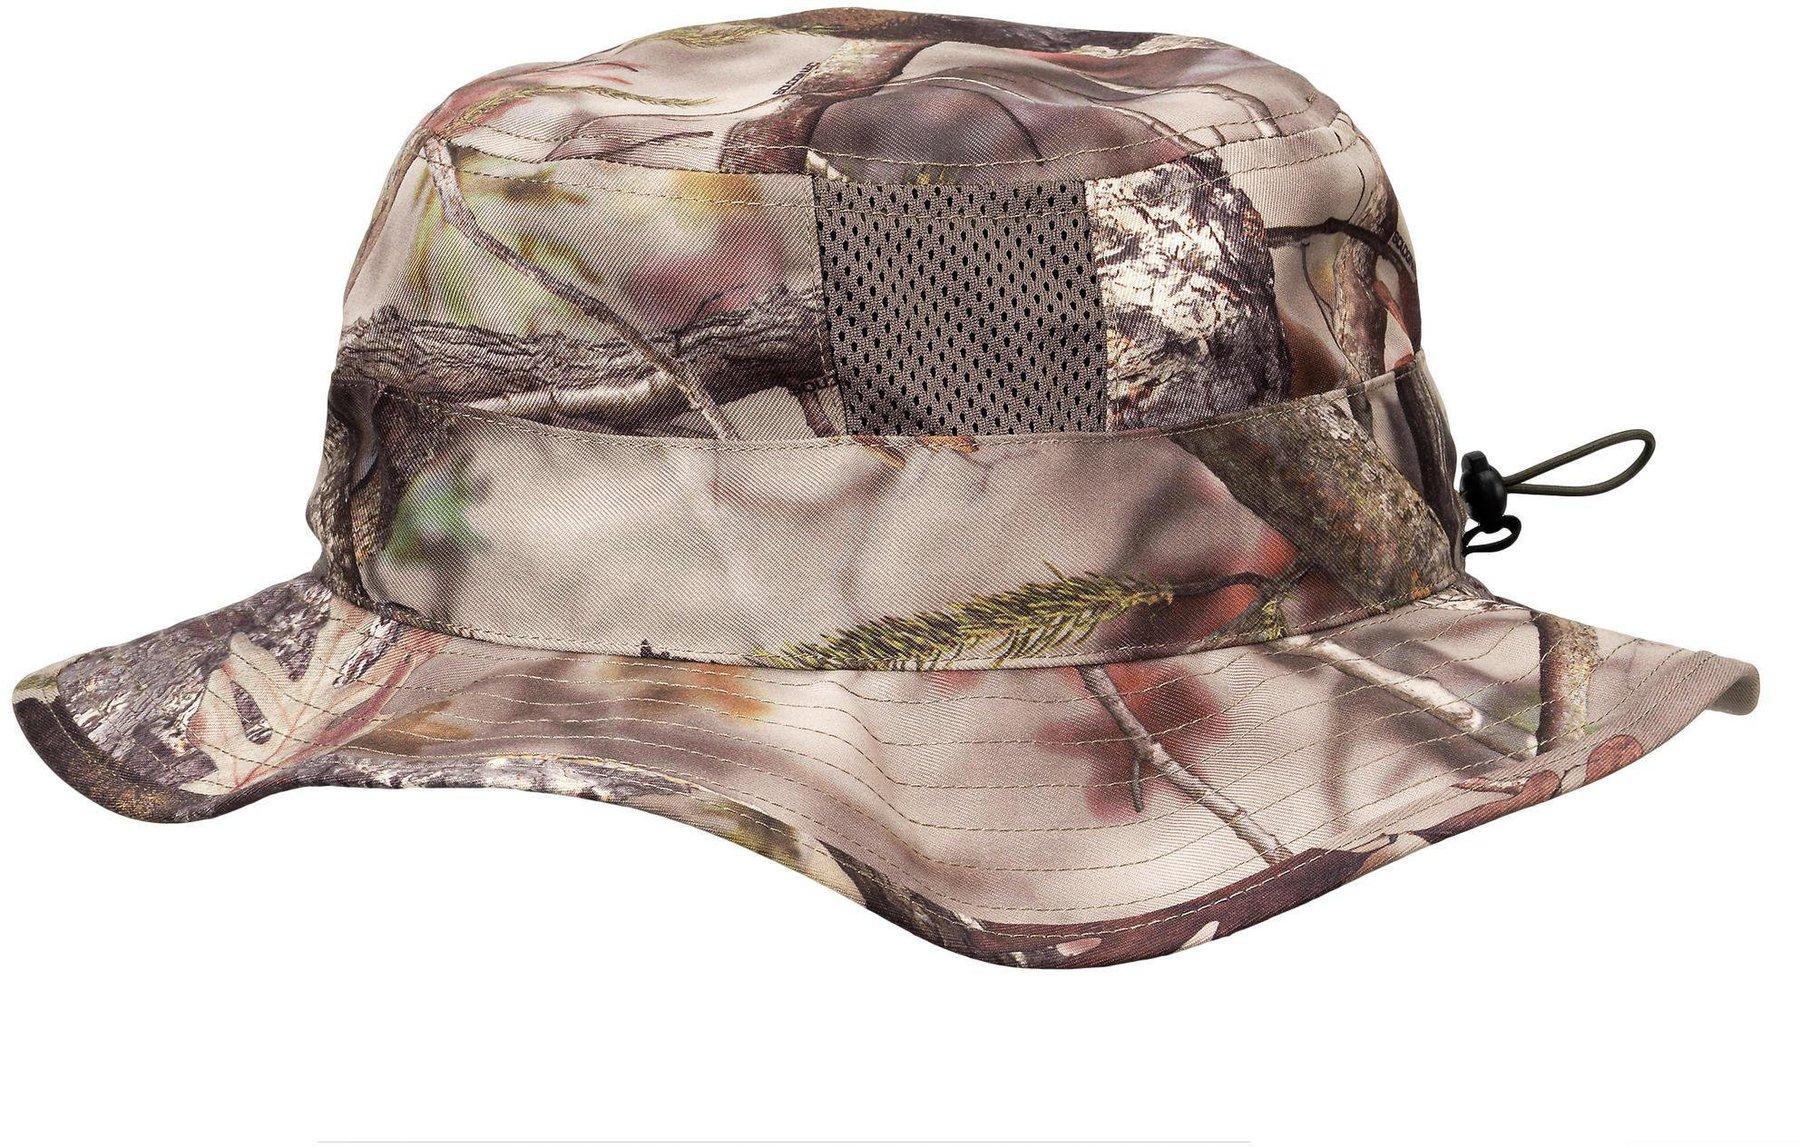 Bekleidung Kopfbekleidung Sommerhut Hut Anglerhut Angelmütze Outdoor Mütze Sonnenhut Jagdhut Safarihut